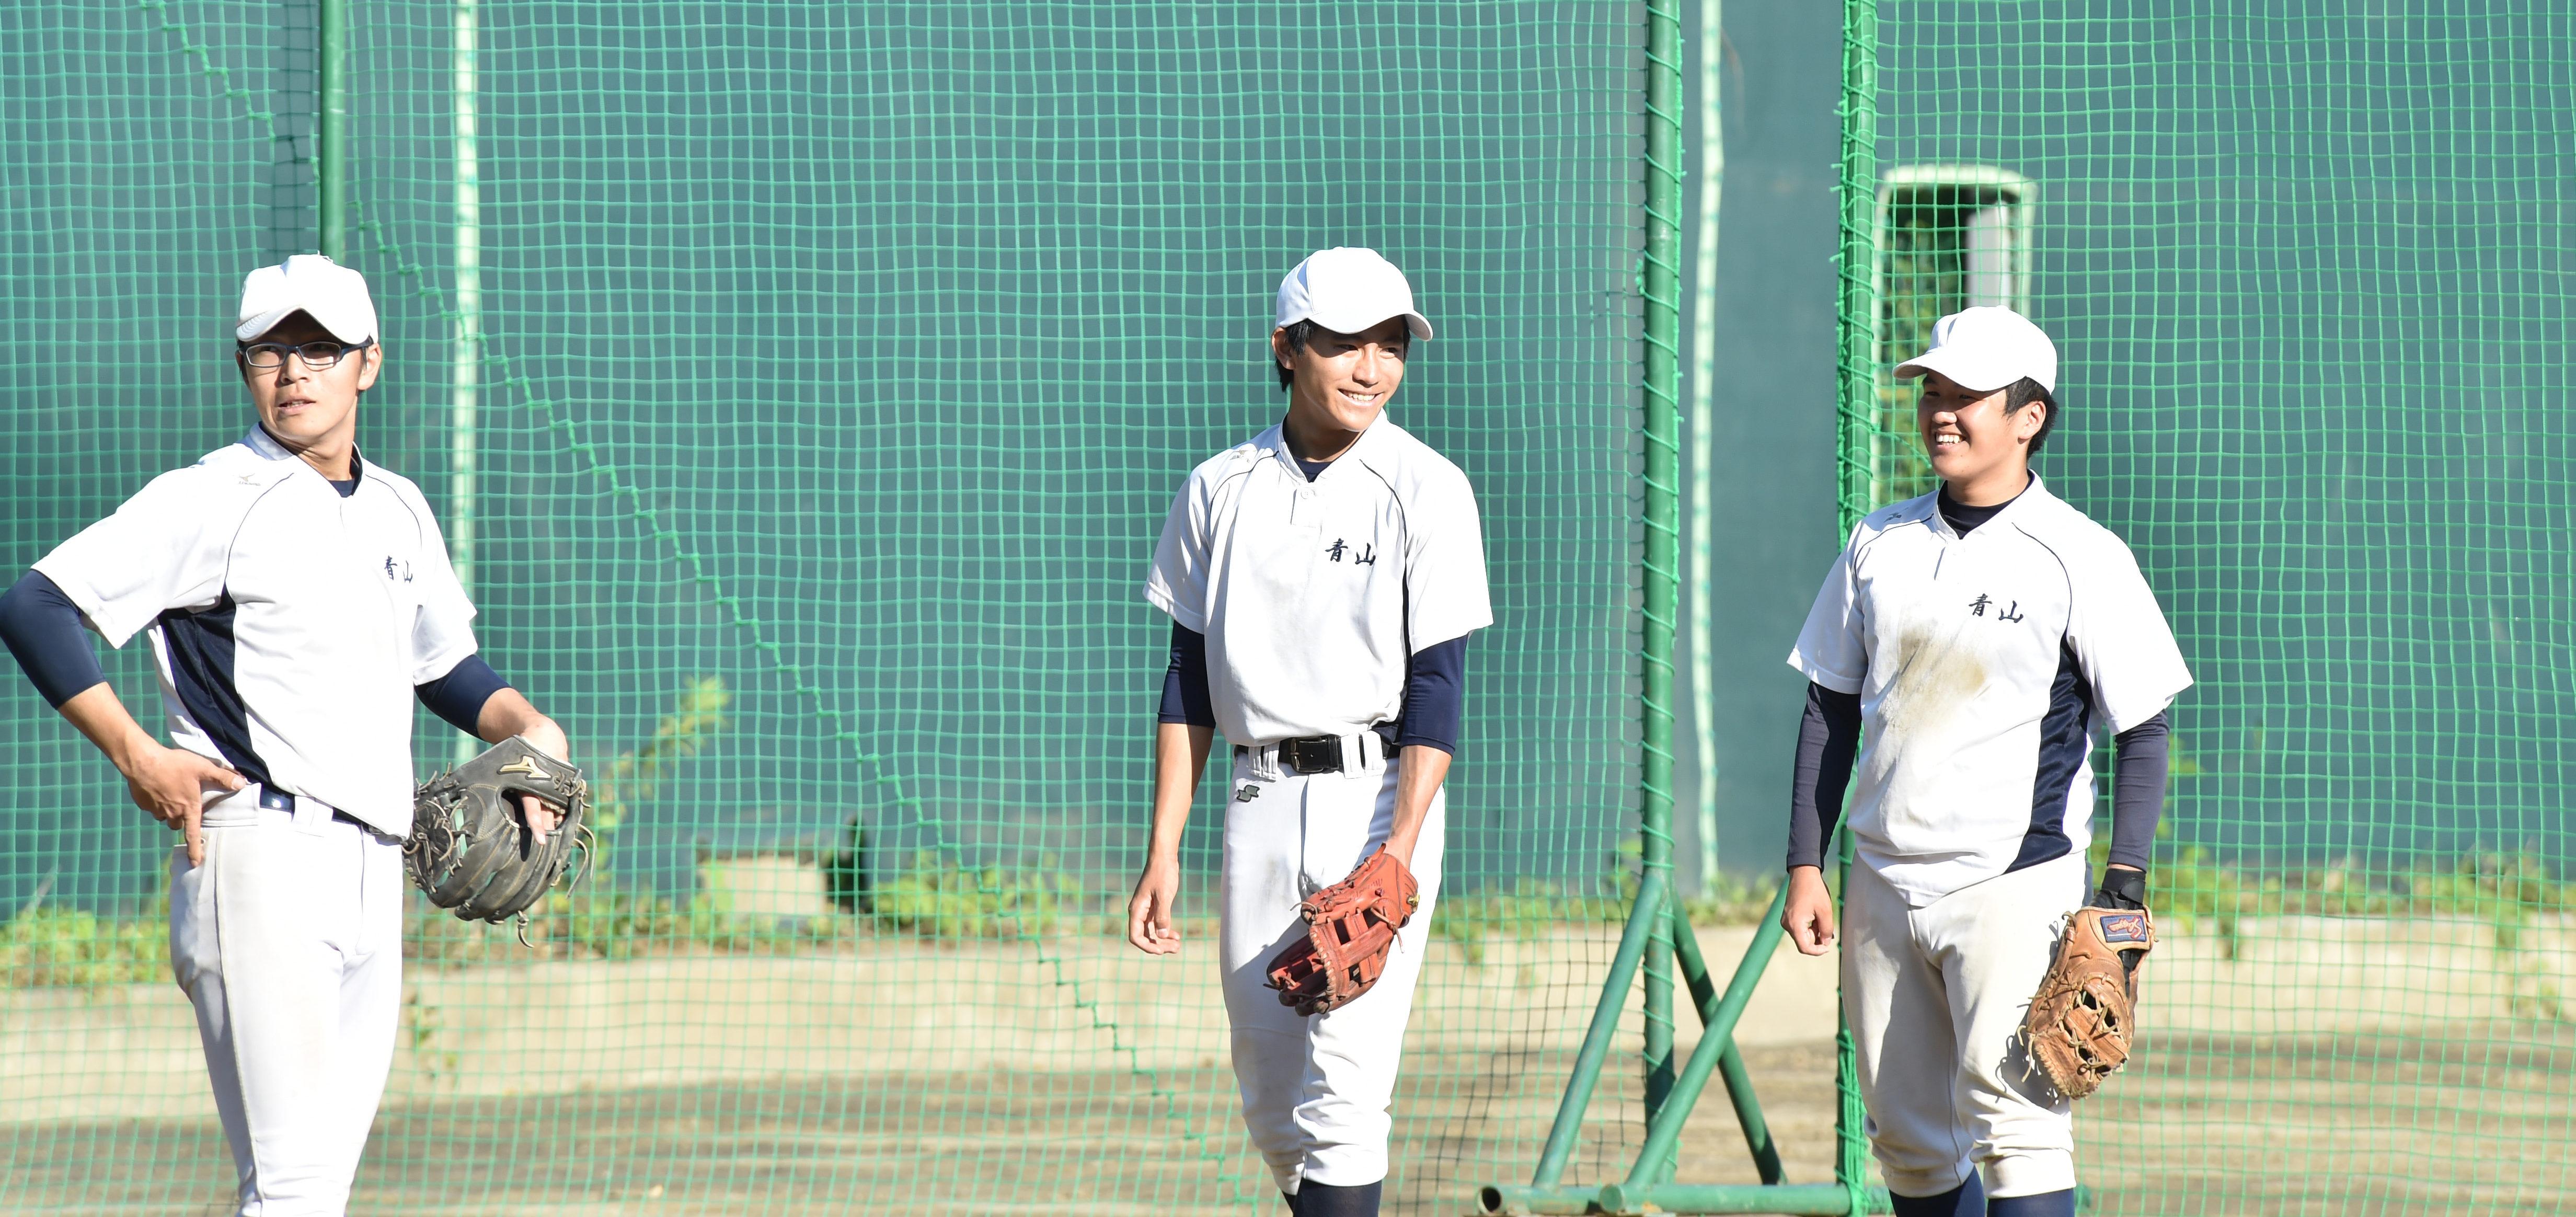 【青山 野球部】練習時間は約1時間半